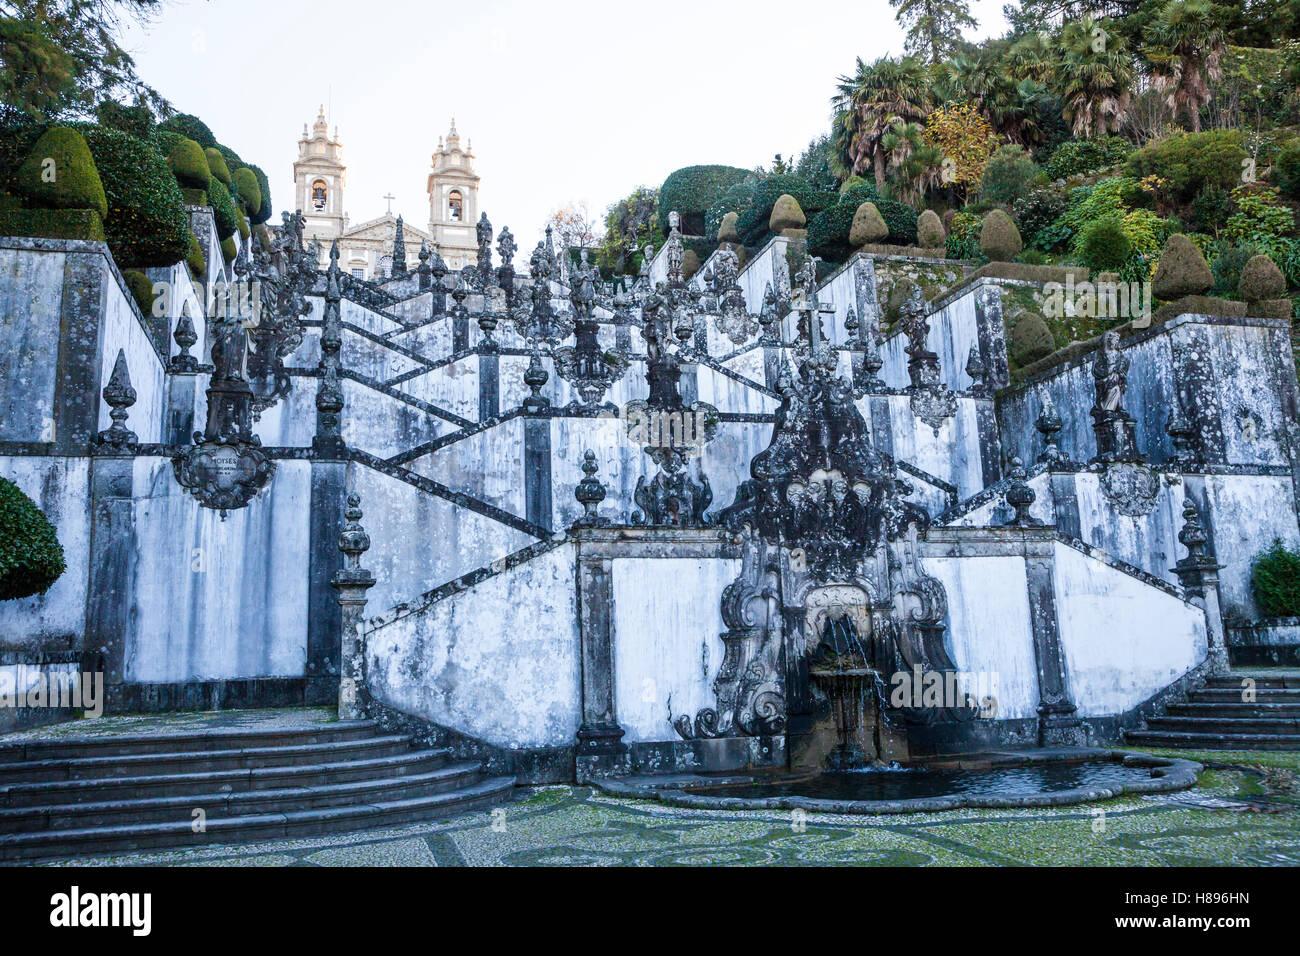 Sanctuary Bom Jesus do Monte church in Braga, Portugal - Stock Image